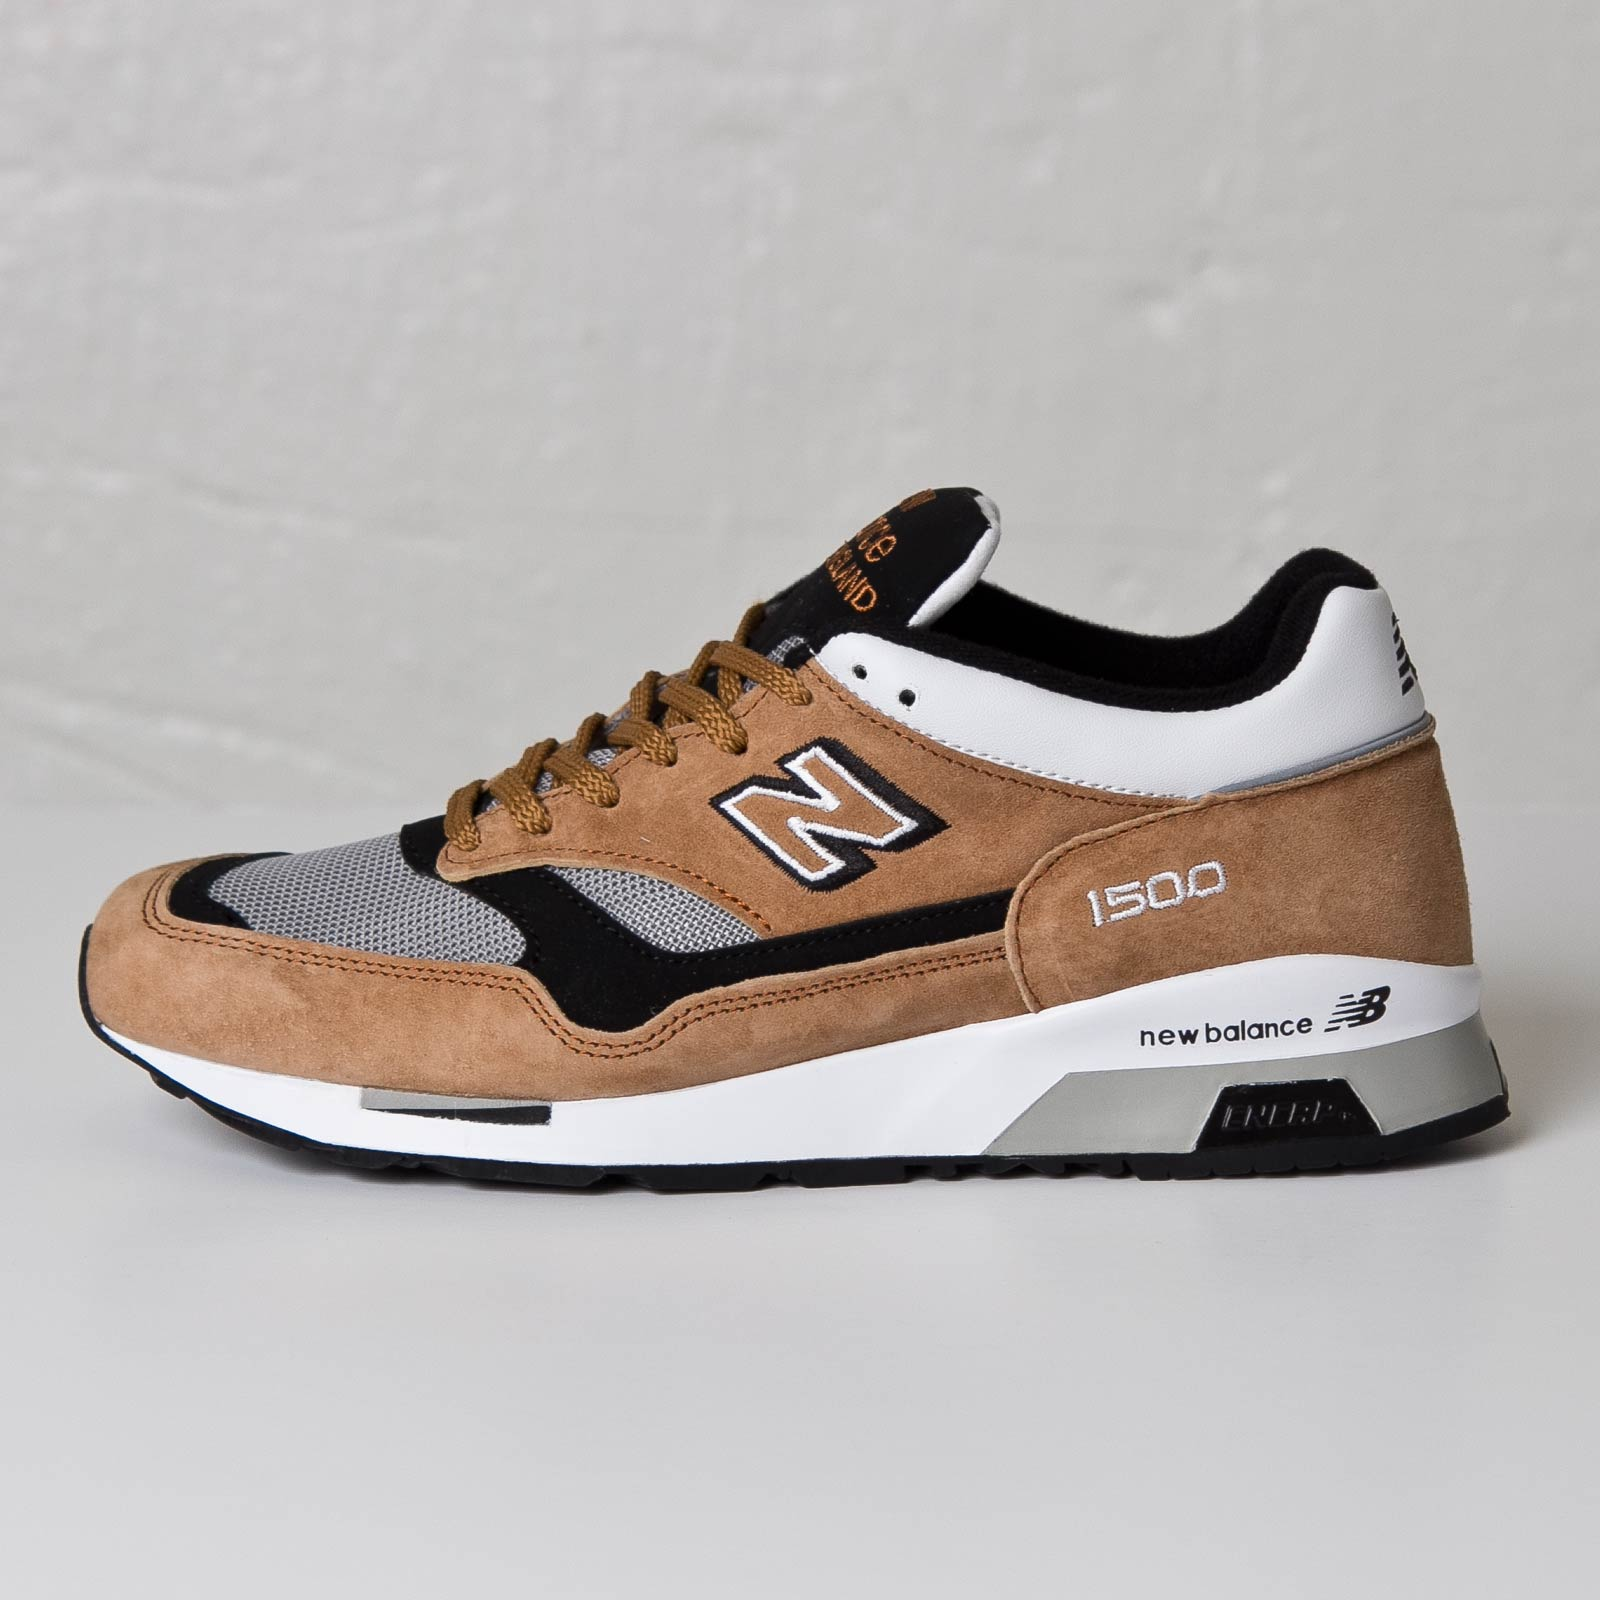 newest f5fdb ad65a New Balance M1500 - M1500st - Sneakersnstuff | sneakers ...